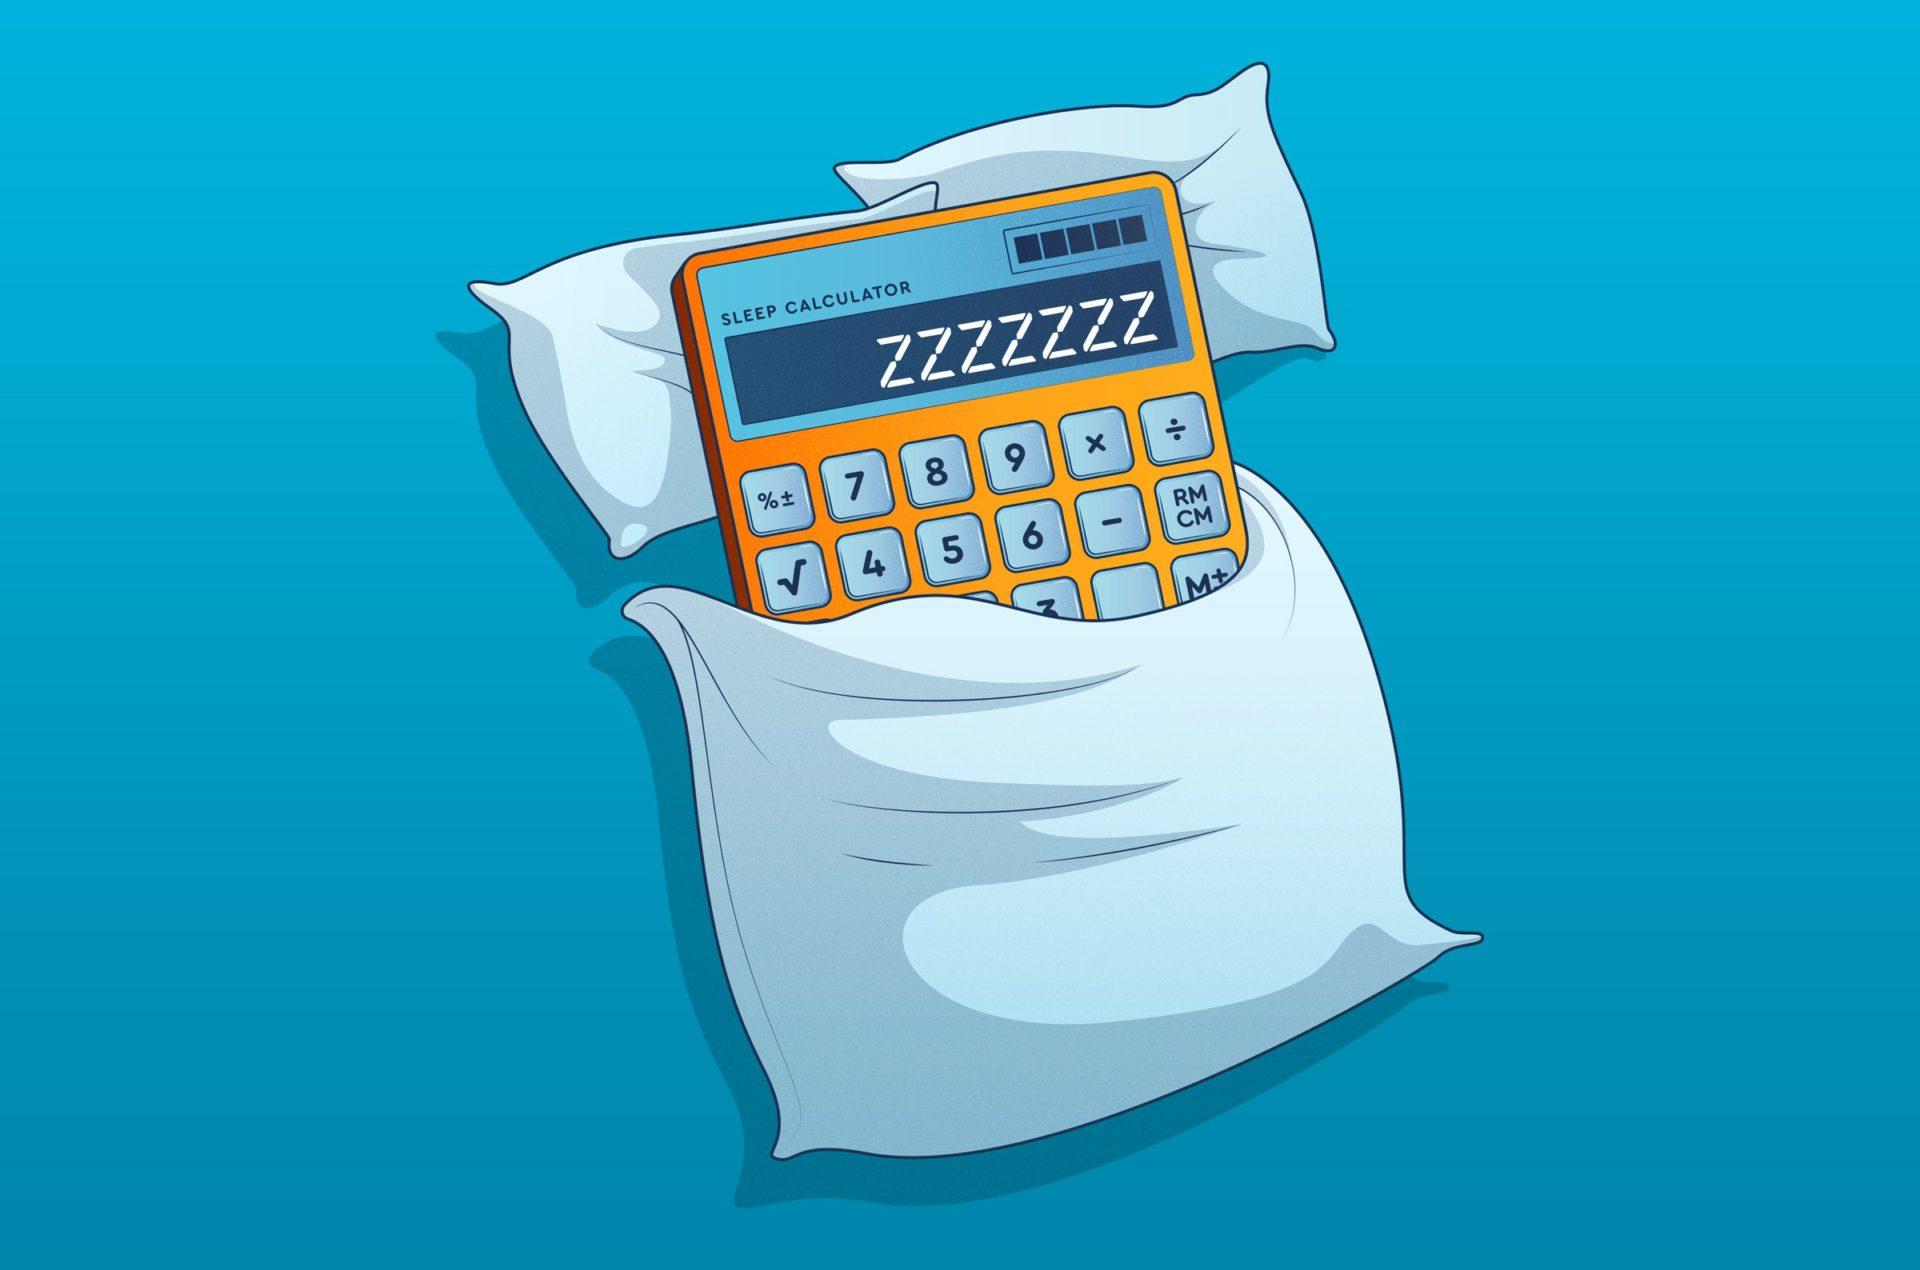 sleep calculator- how much sleep do I need